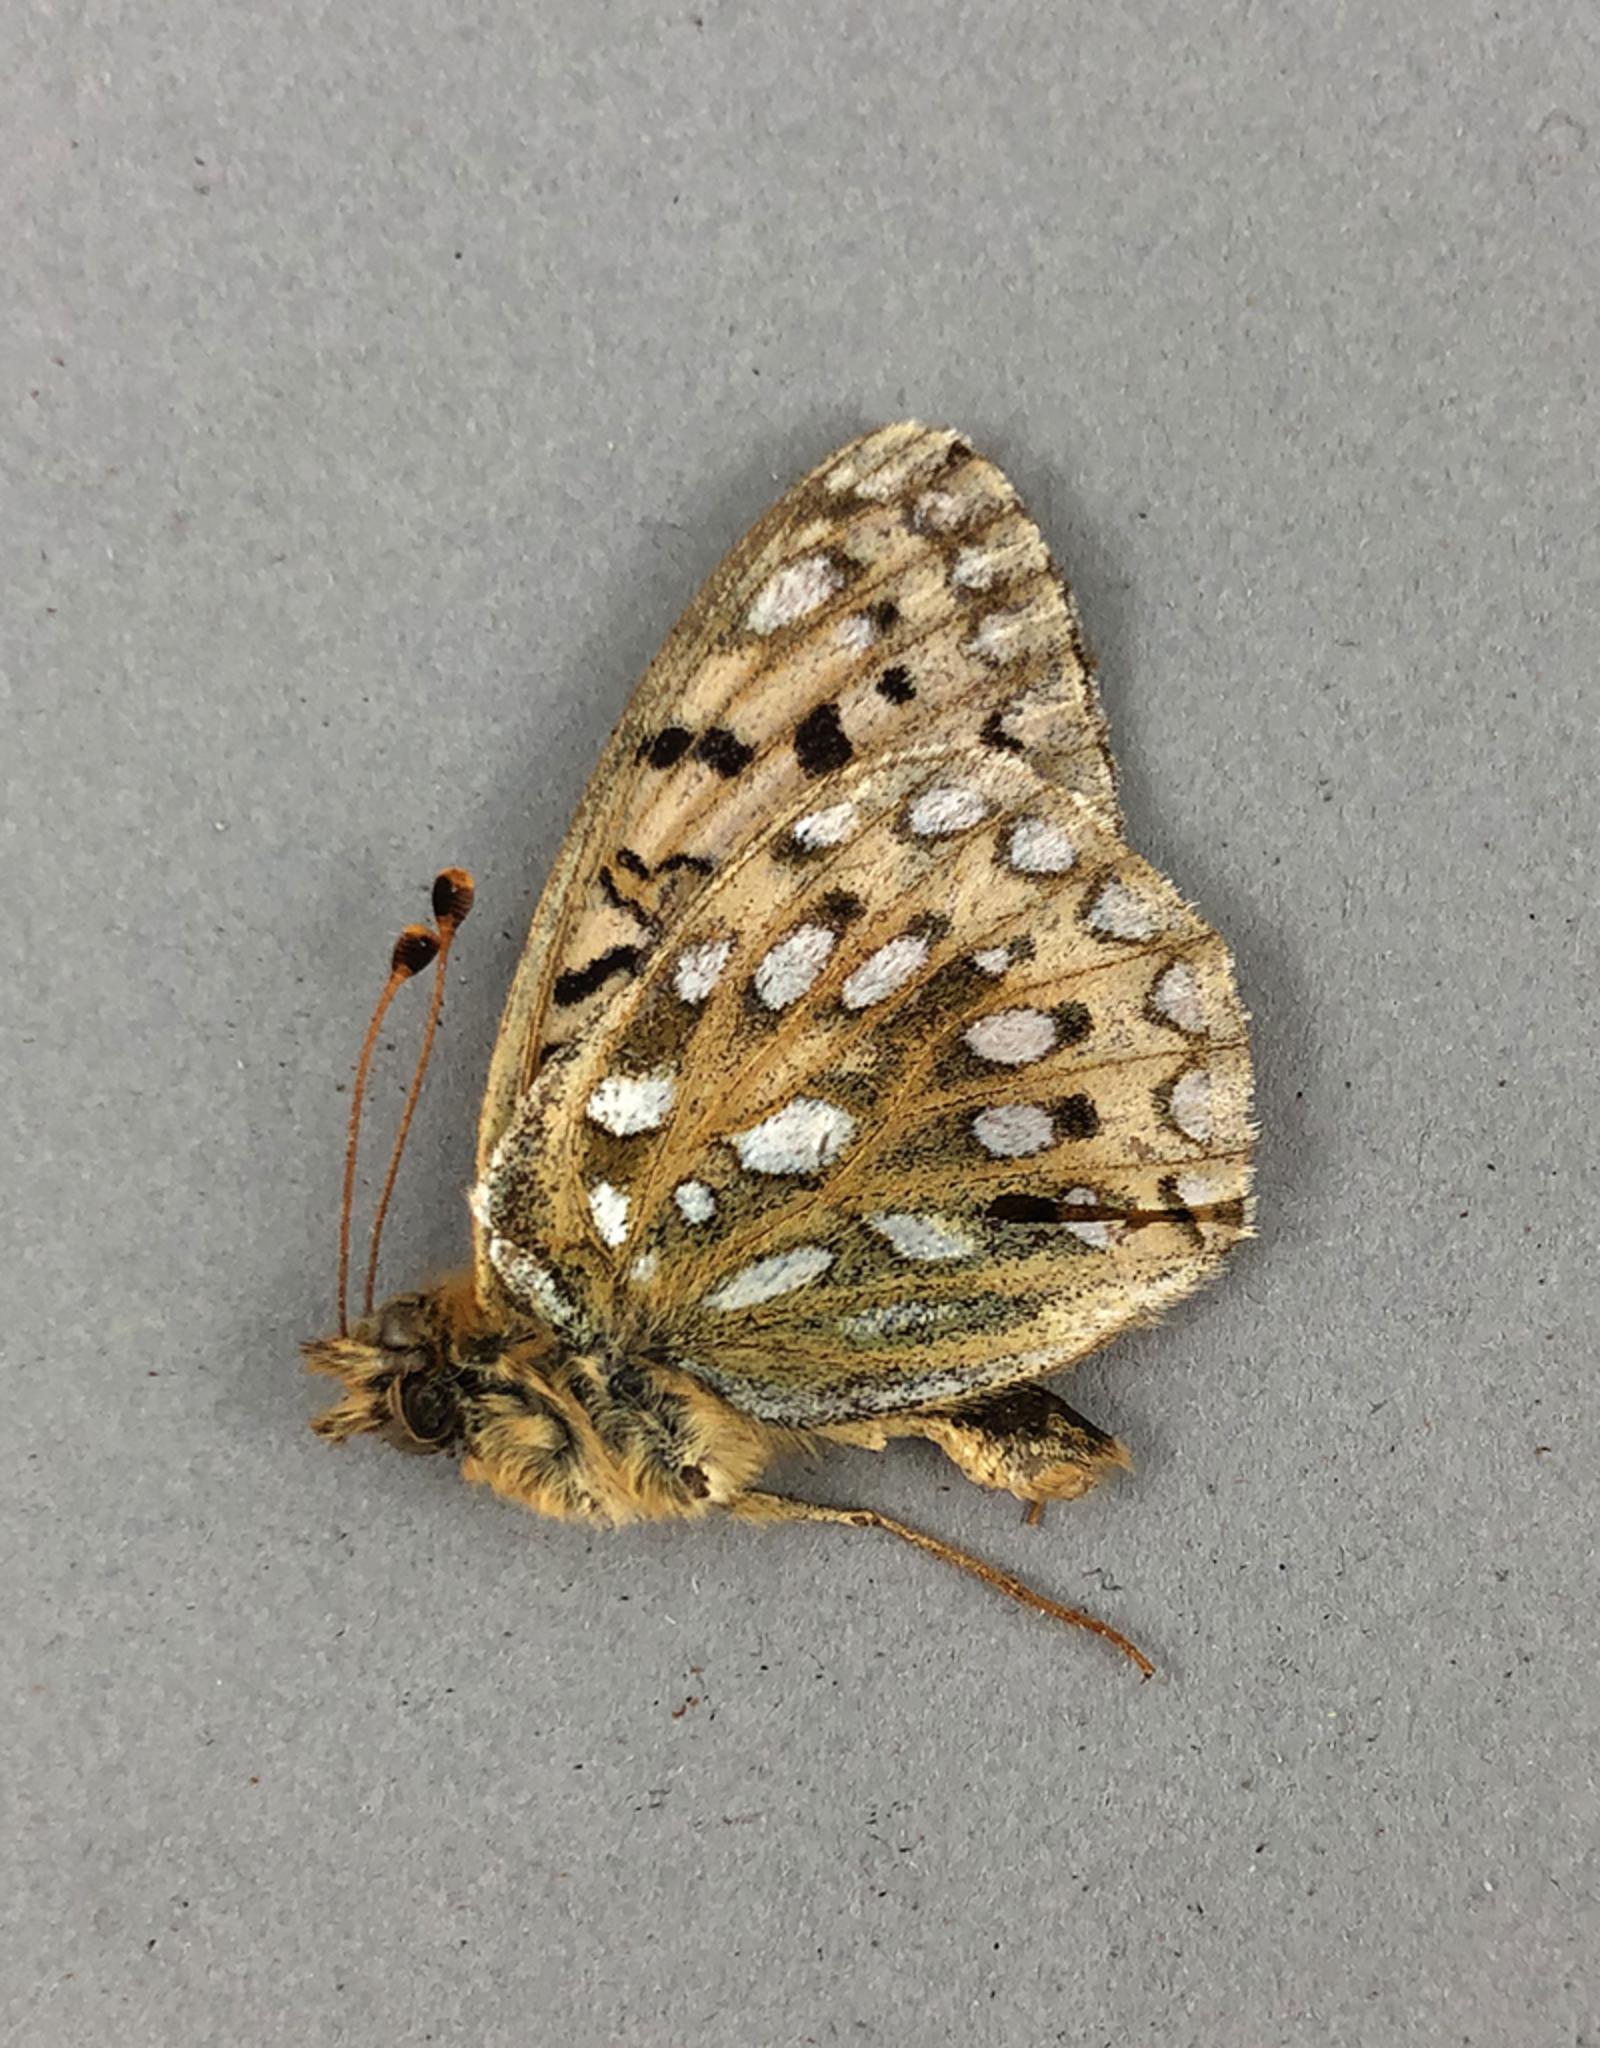 Speyeria mormonia ssp? M A1 AB, Canada